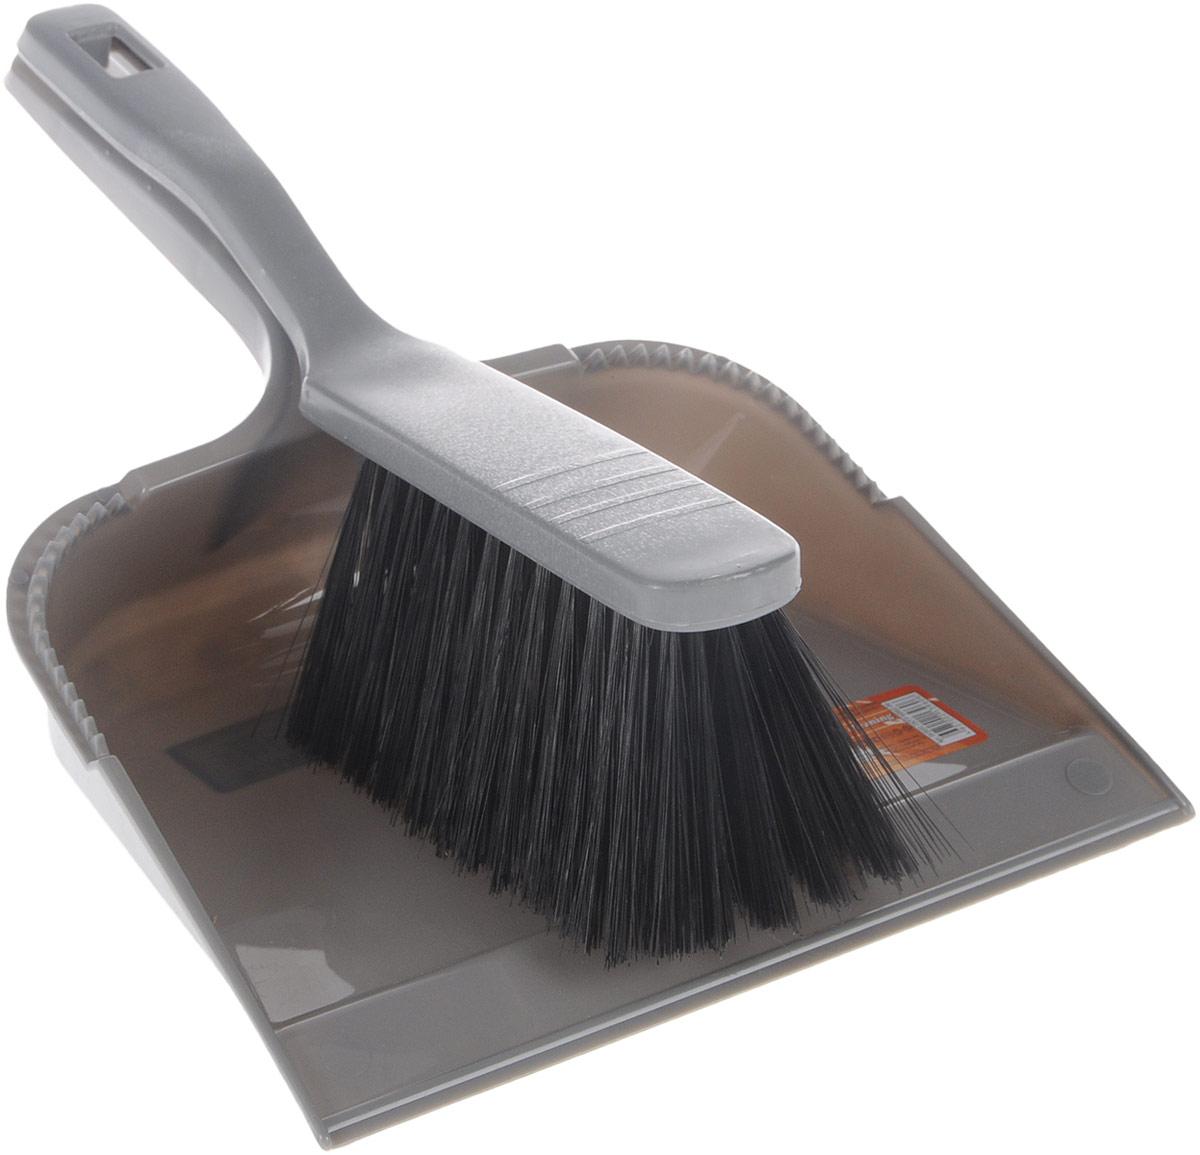 Набор для уборки Svip София, цвет: серый, 2 предметаSV3031СБНабор для уборки Svip София состоит из щетки-сметки и совка, выполненных из полипропилена. Он станет незаменимым помощником в деле удаления пыли и мусора с различных поверхностей. Ворс щетки достаточно длинный, что позволяет собирать даже крупный мусор. Края совка оснащены зубчиками для чистки щетки после ее использования. Ручка совка позволяет прикреплять его к рукоятке щетки. На рукояти изделий имеется специальное отверстие для подвешивания. Длина щетки-сметки: 28 см. Длина ворса: 6,5 см. Размер рабочей поверхности совка: 21,5 см х 18 см. Размер совка (с учетом ручки): 32 см х 21,5 см х 6 см.